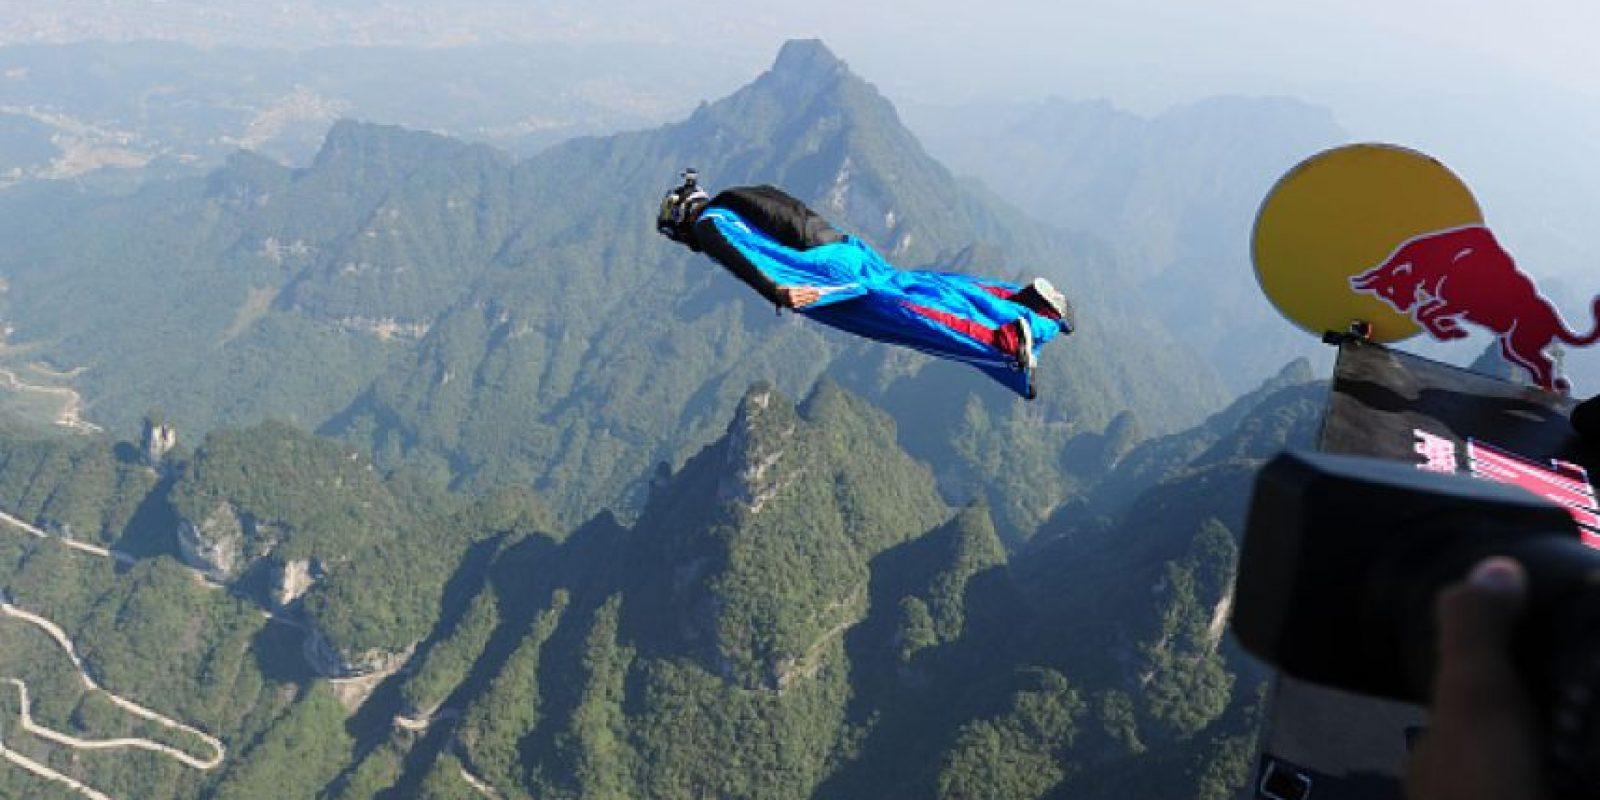 El salto B.A.S.E. es considerado por muchos como el más extremo entre los deportes extremos. Foto:Getty Images